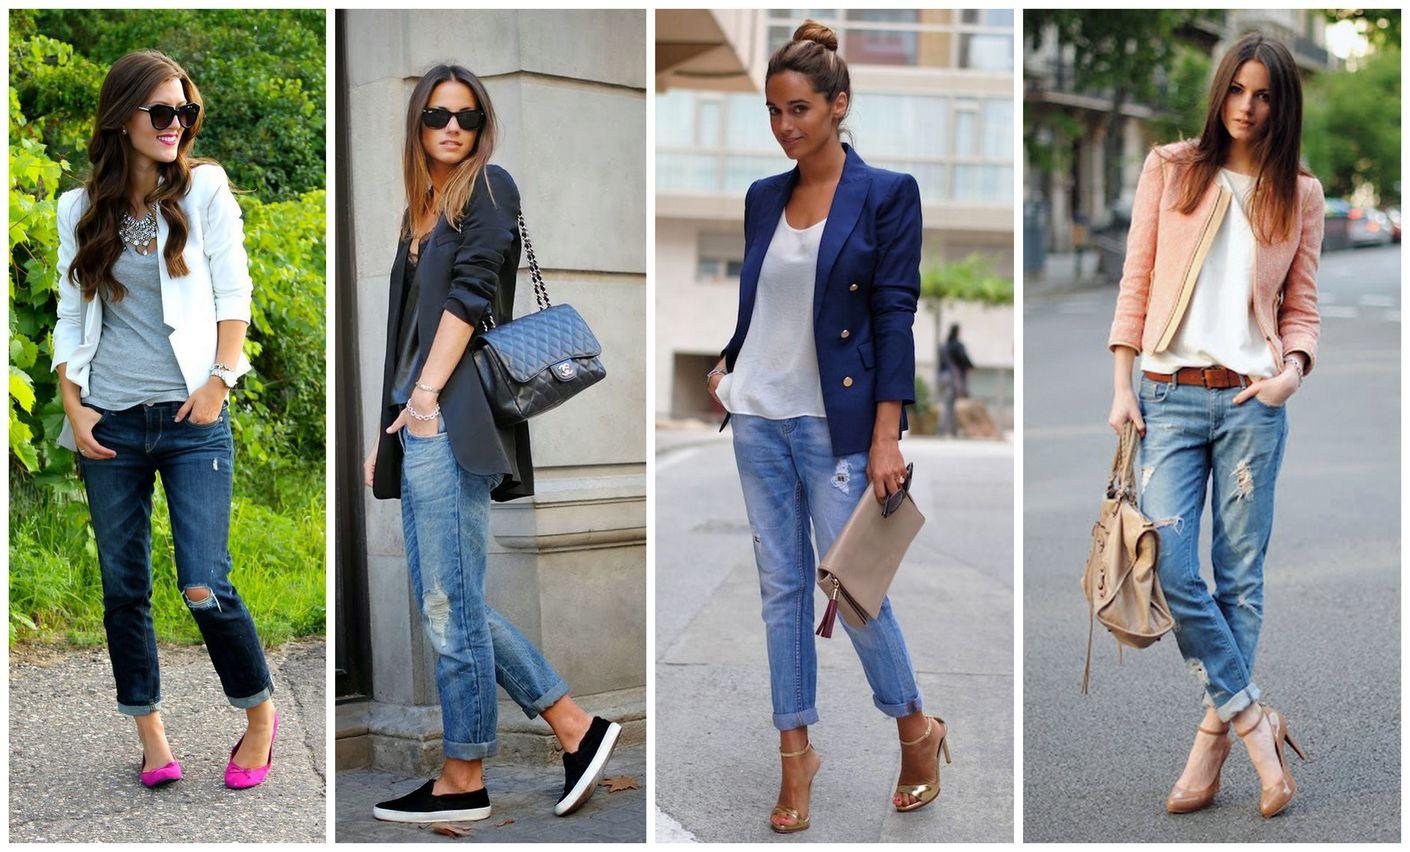 Сексуальные девушки носят джинсы плотно